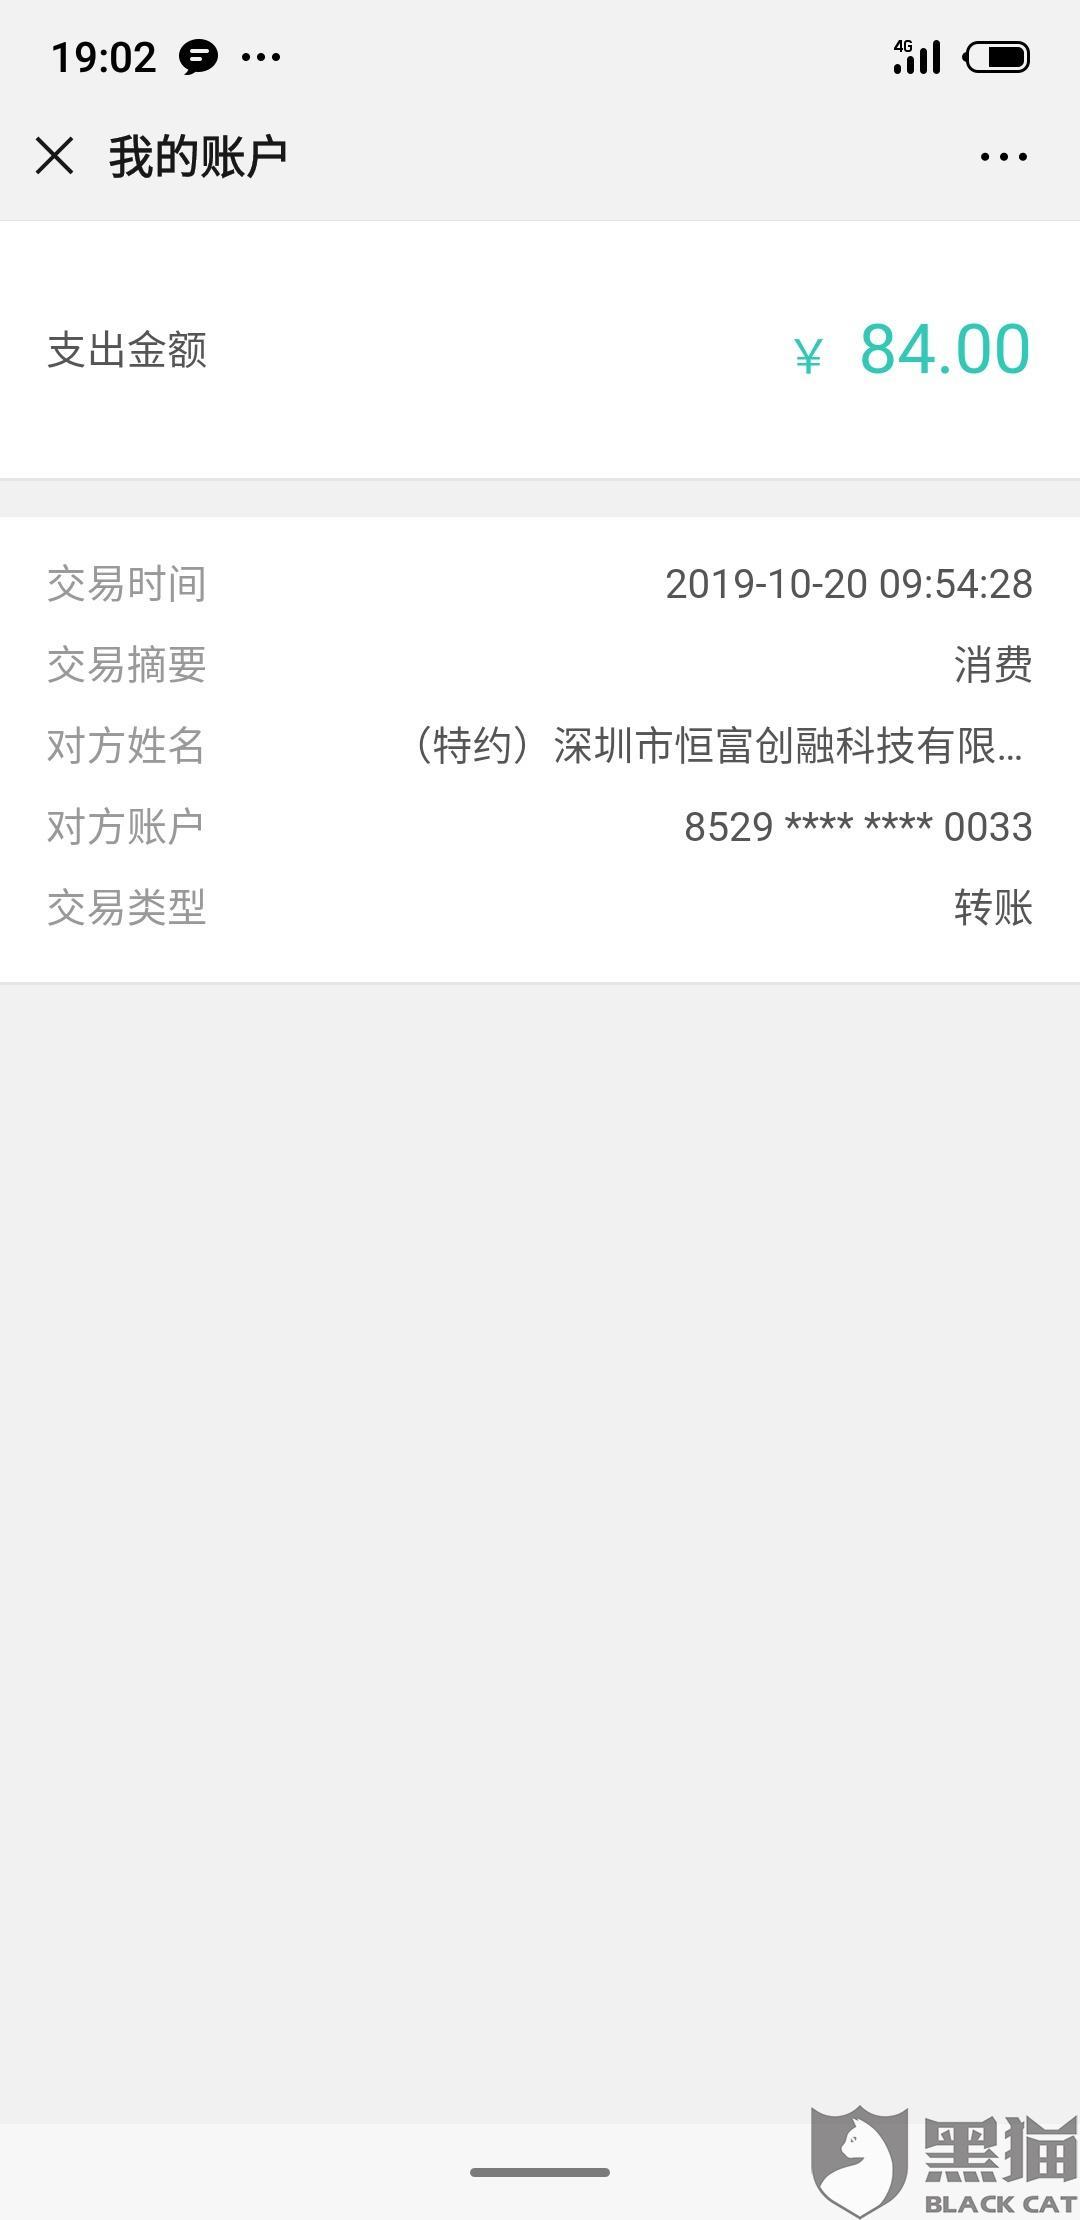 黑猫投诉:钱橙无忧深圳市恒富创融科技有限公司